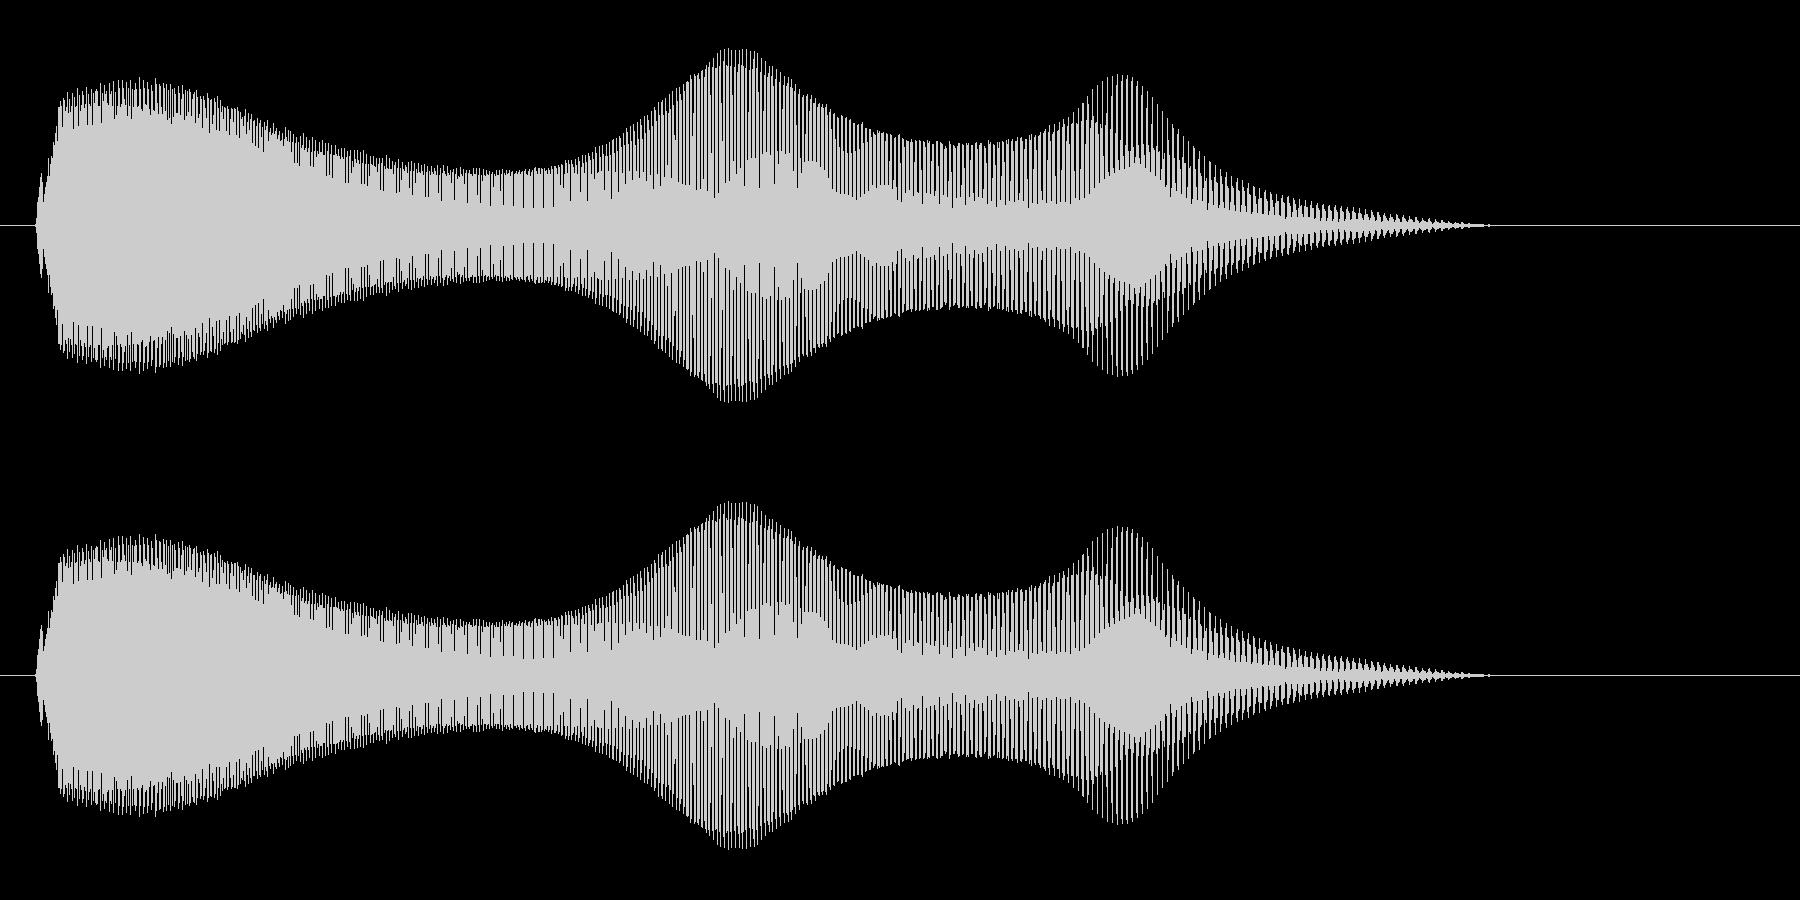 ニャーオ(鳴き声系)の未再生の波形